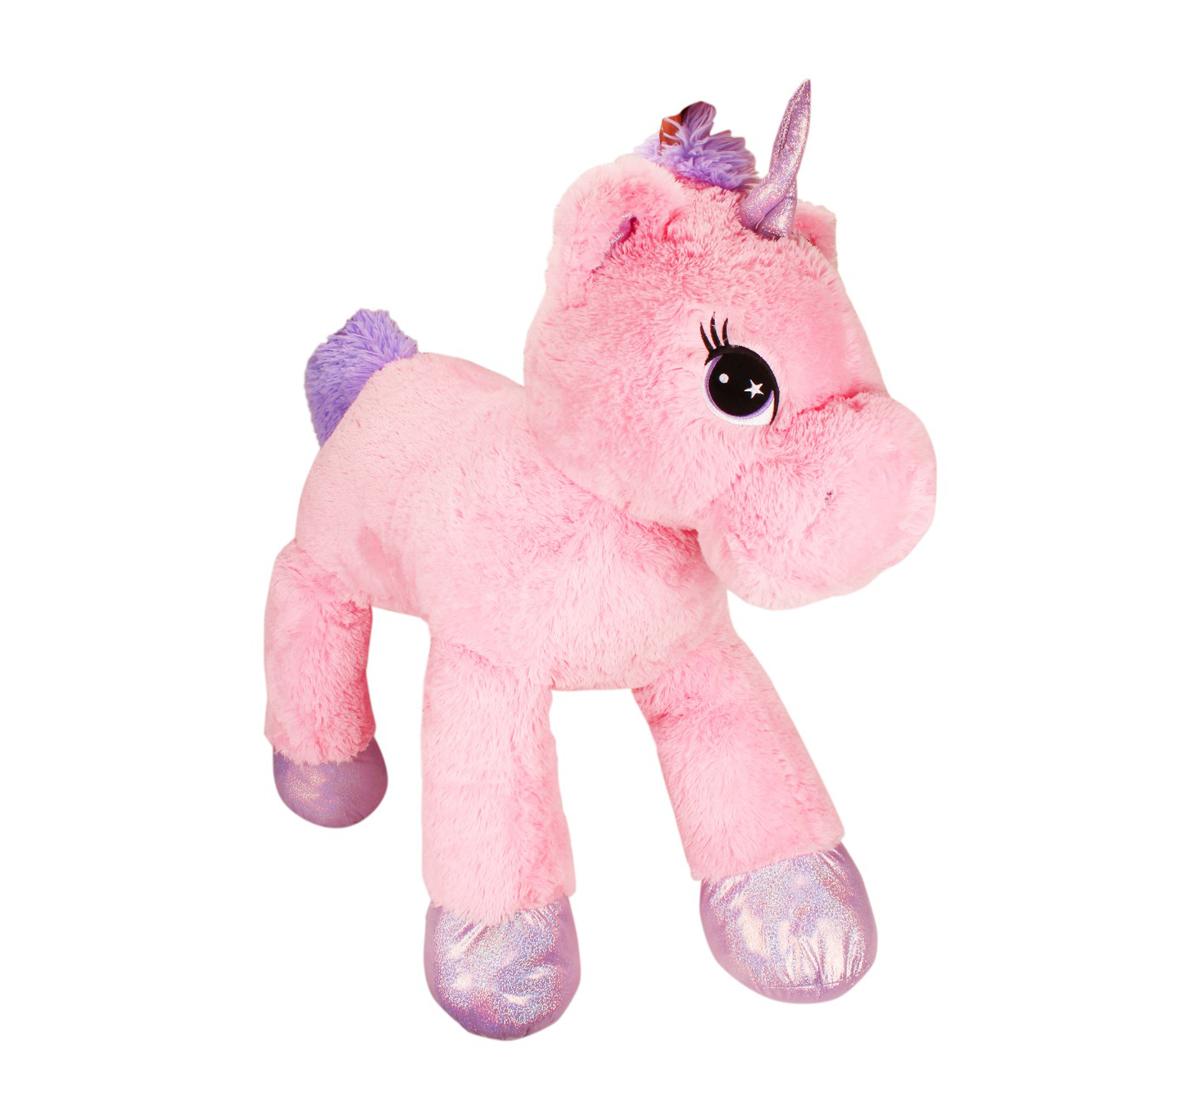 Fuzzbuzz | Fuzzbuzz Lying Unicorn Plush - 100Cm Quirky Soft Toys for Kids age 12M+ - 40 Cm (Pink)